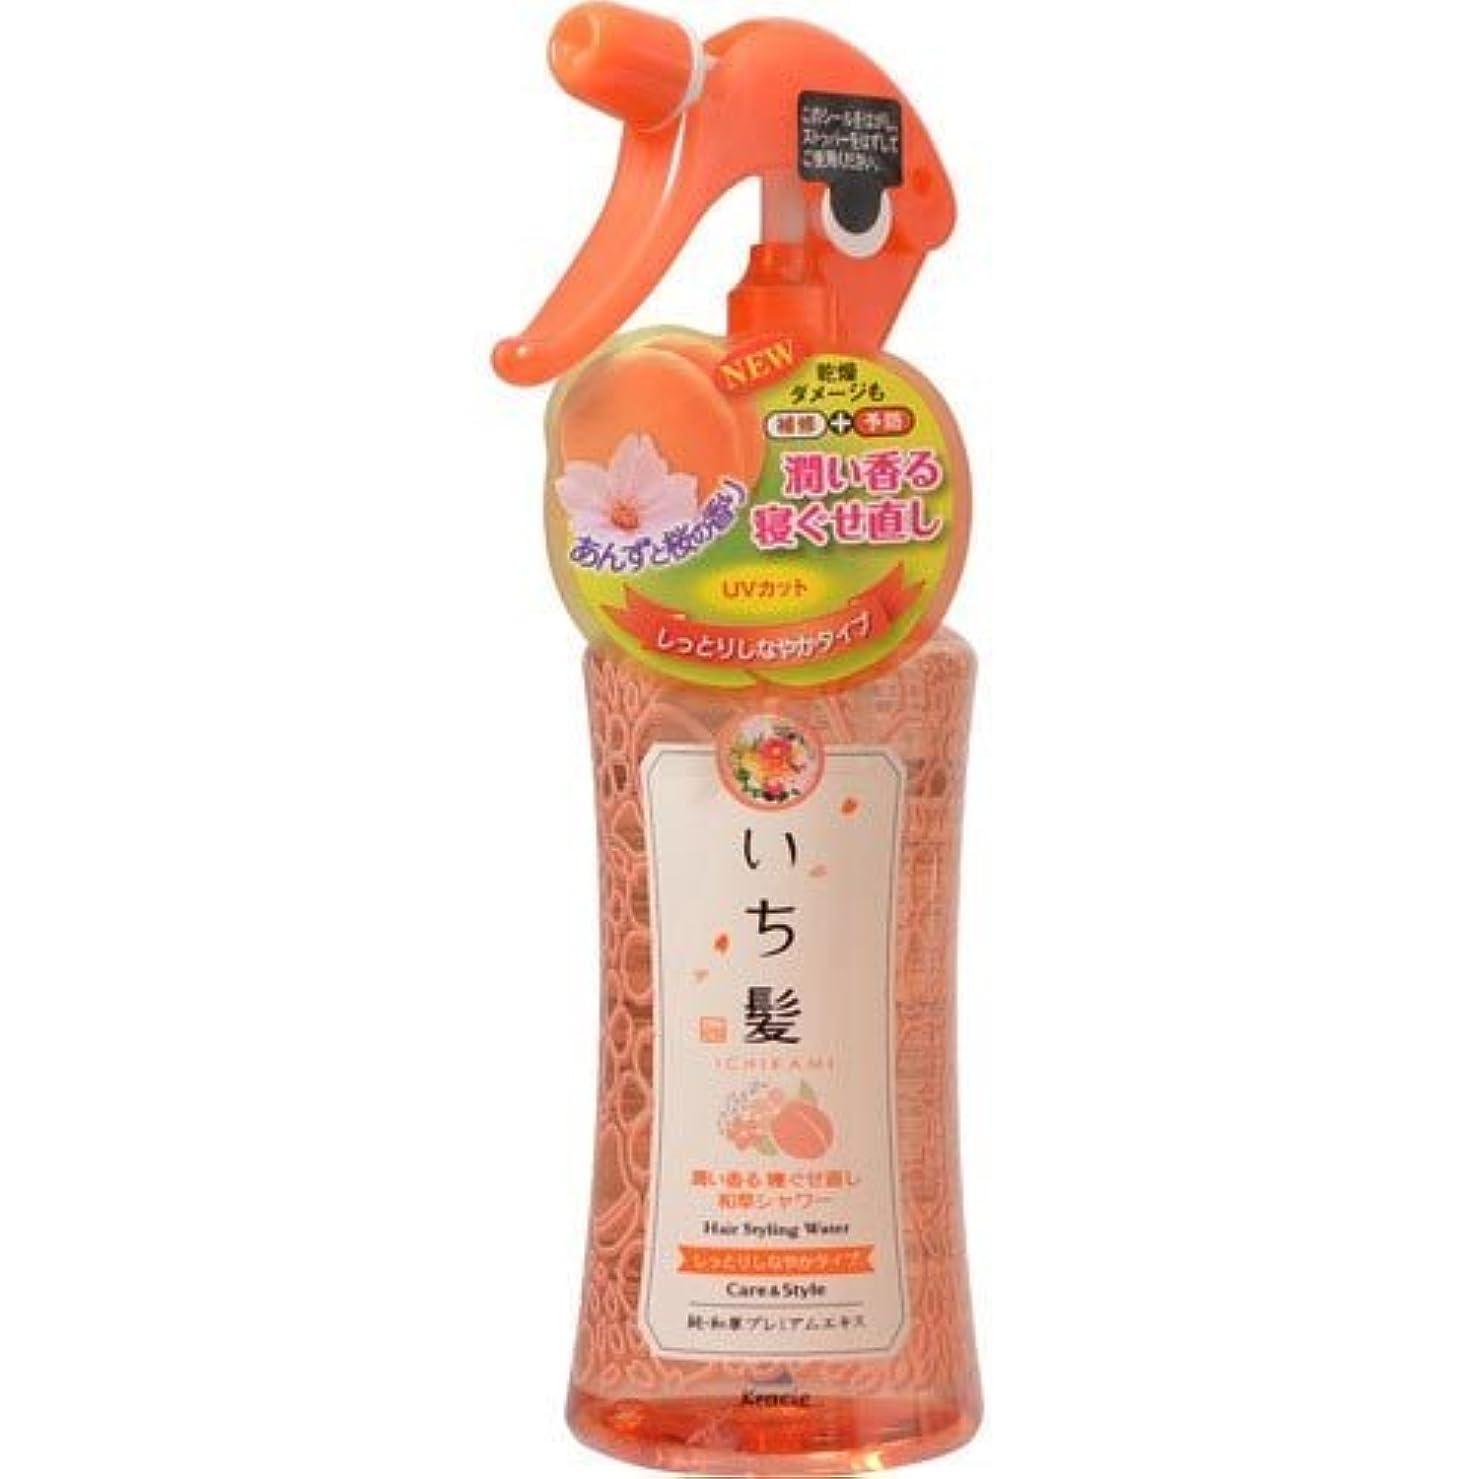 急流気分が悪い謙虚ないち髪 潤い香る寝ぐせ直し和草シャワー しっとりしなやかタイプ 250mL